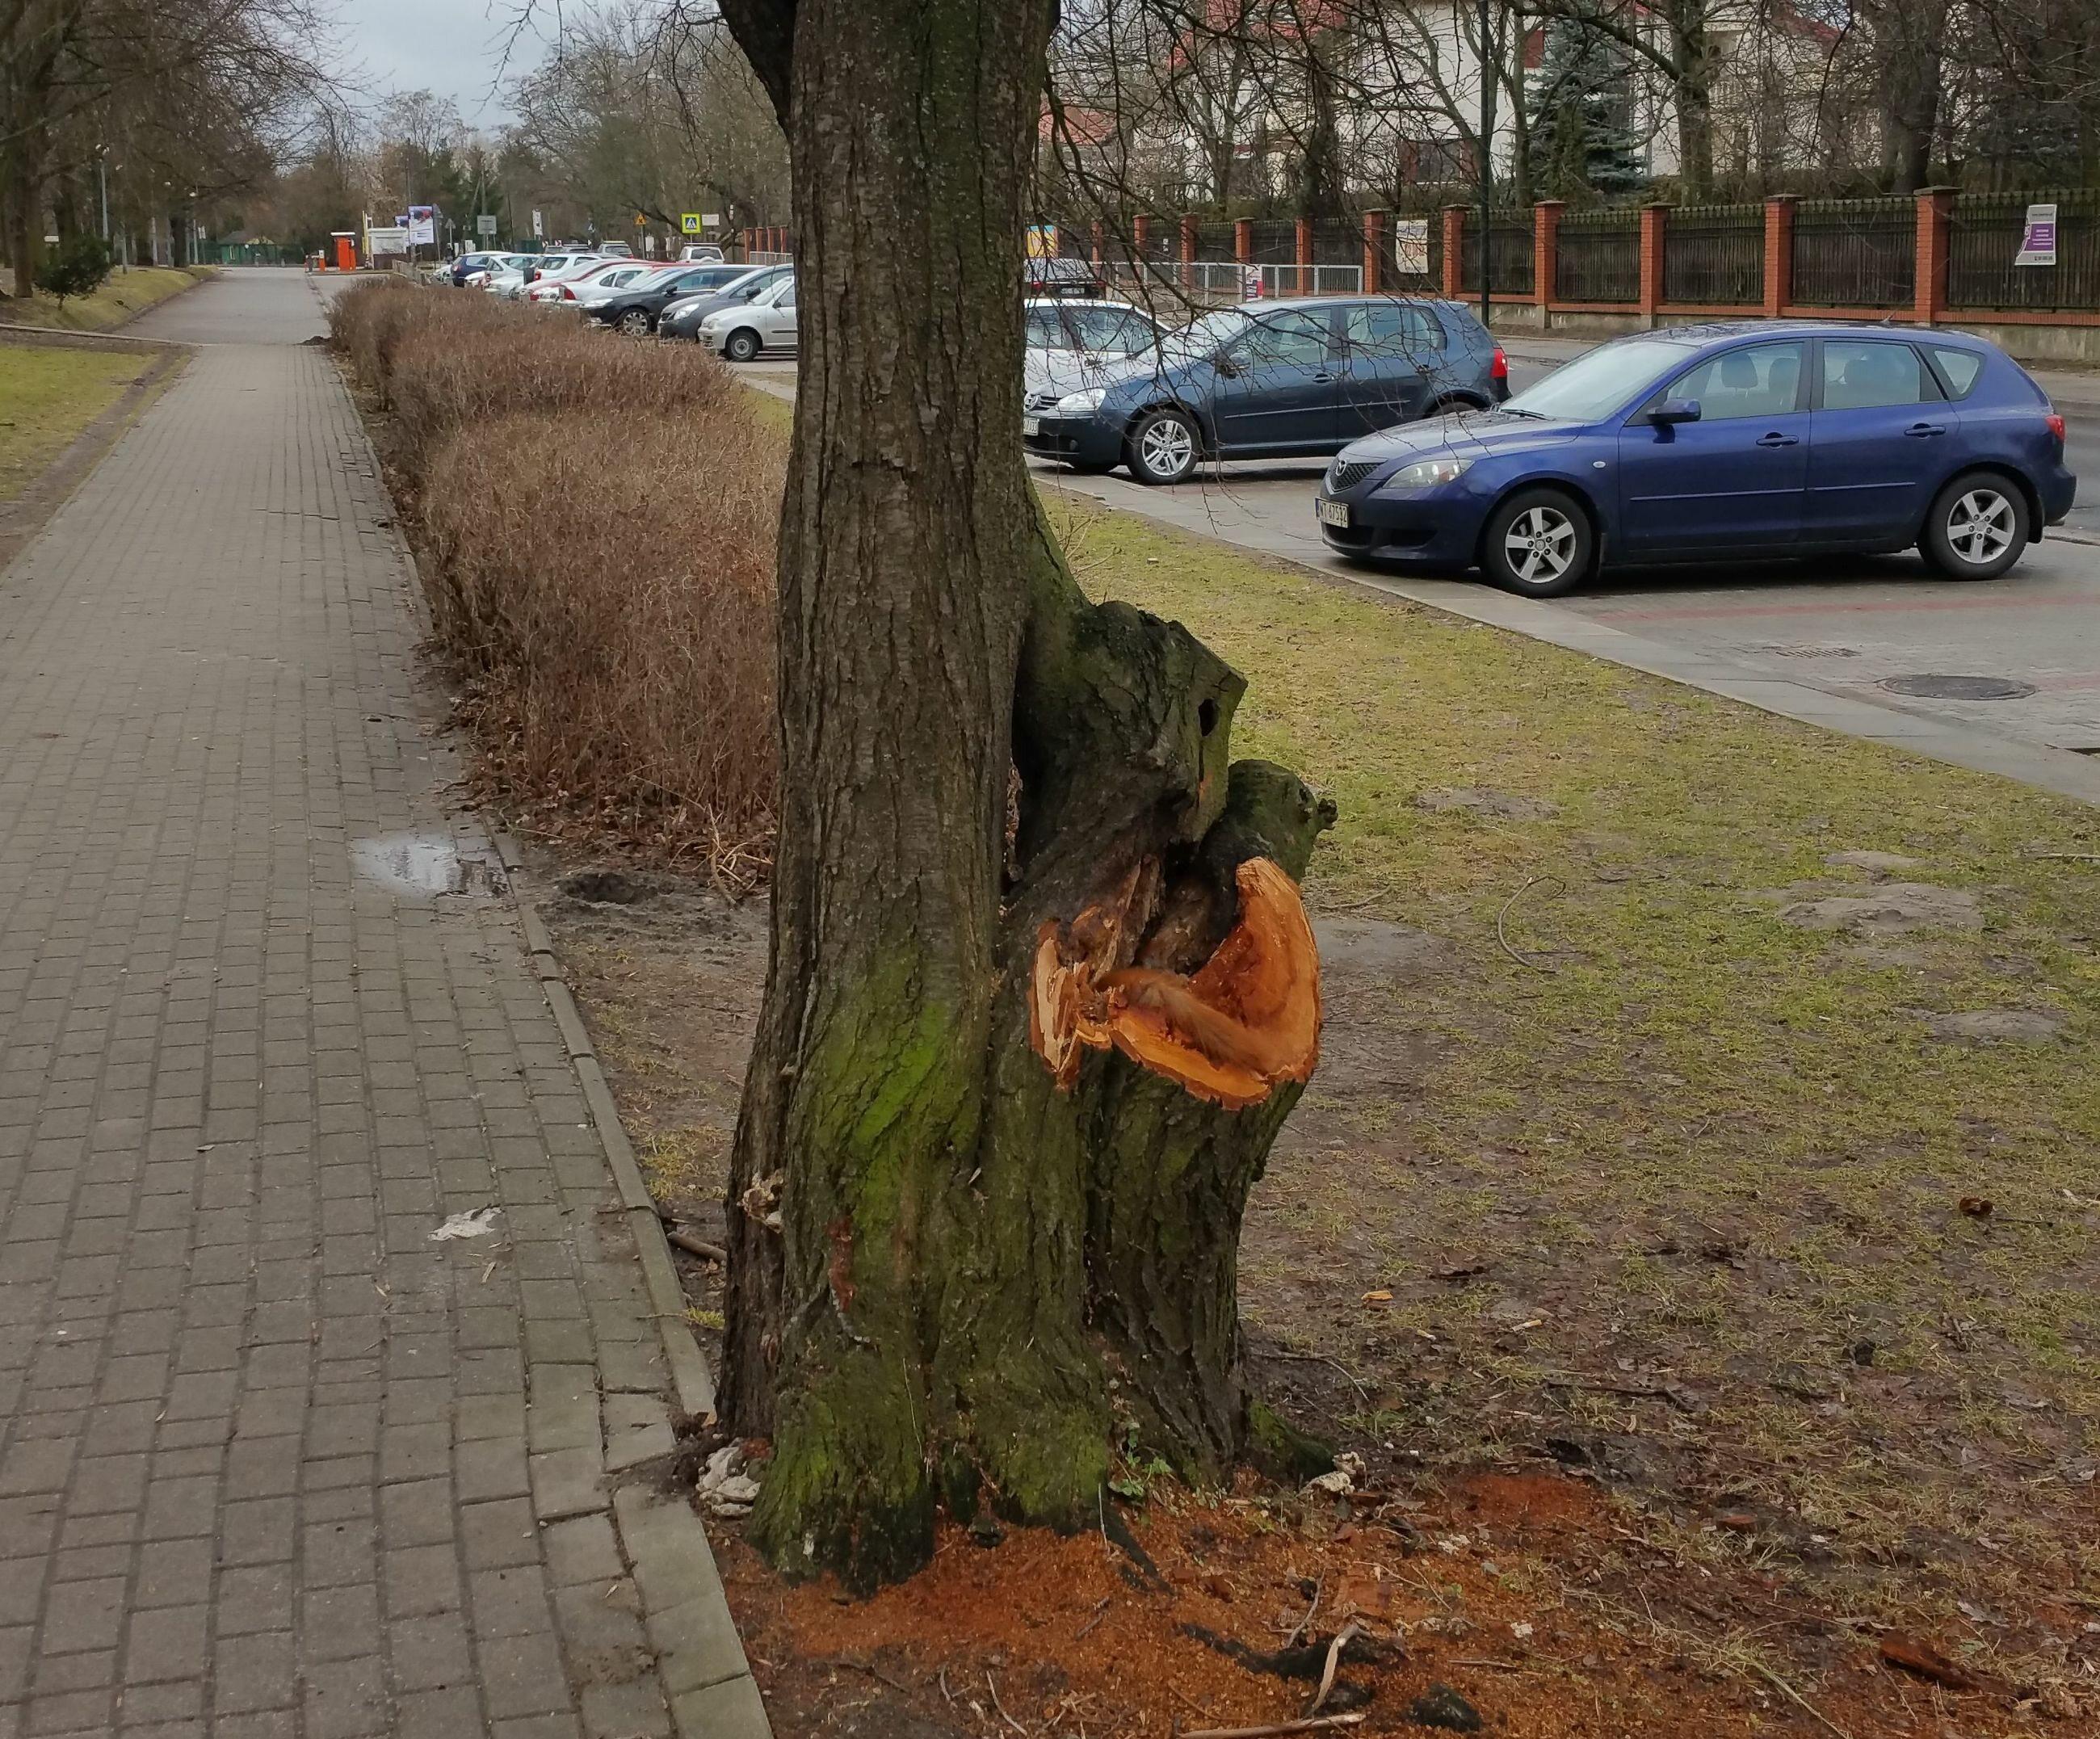 Martwa wiewiórka na drzewie w Parku Szczęśliwickim